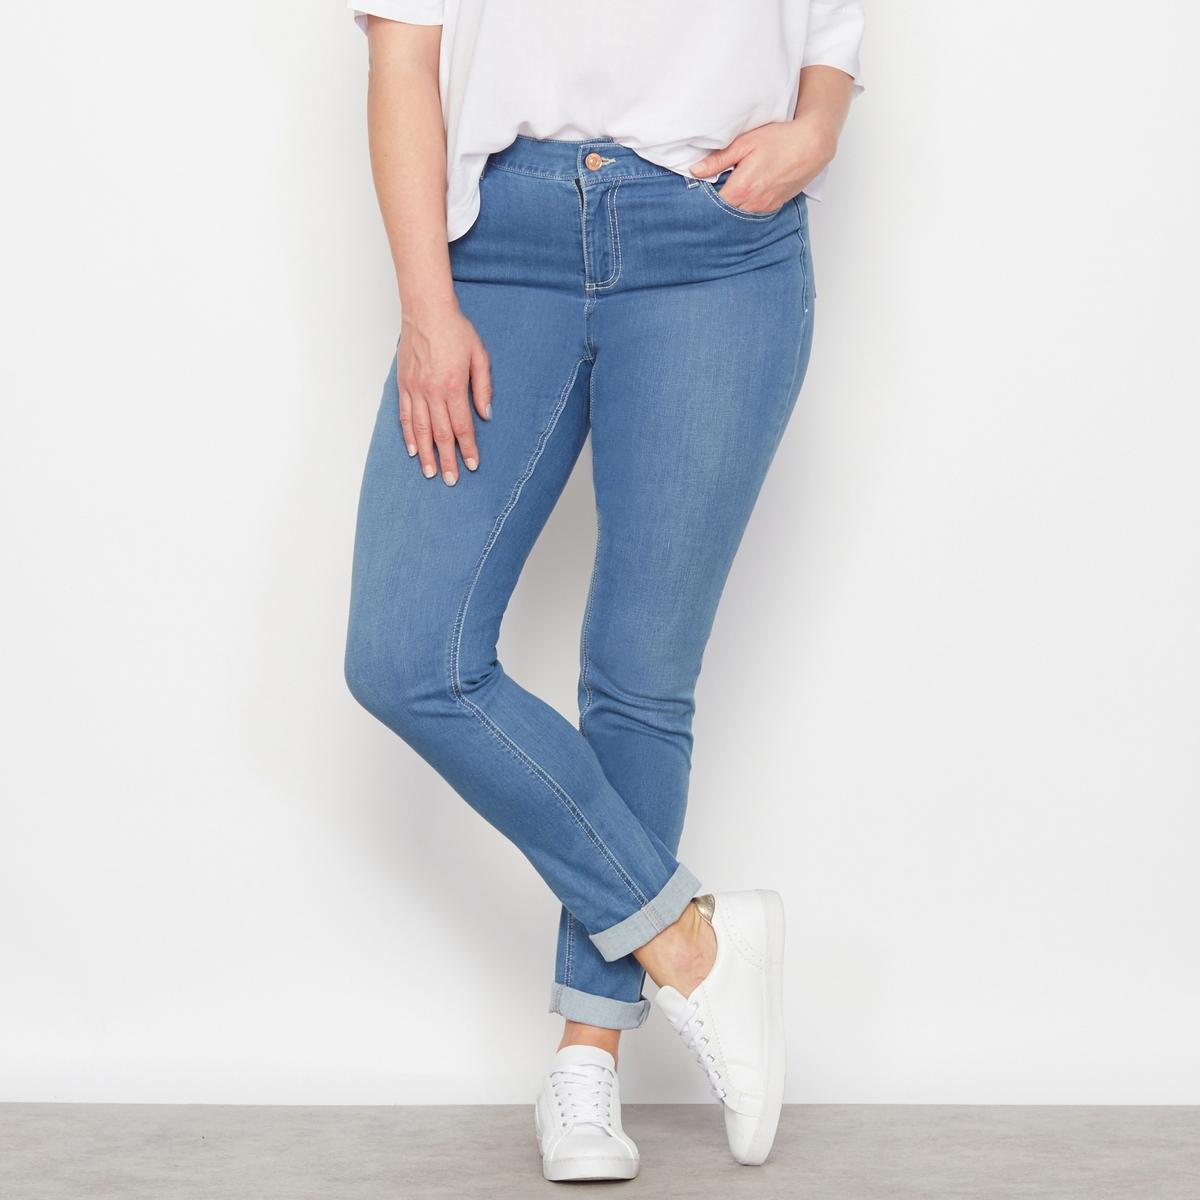 Джинсы Утончённый силуэт, длина по внутр. шву. 73 см.У вас небольшой рост, узкие бёдра и прямая фигура: эти джинсы буткат приспособятся к вашим особенностям, чтобы вы выглядели великолепно! Брючины заужены к низу. 5 карманов. Рост -  1м65 : длина по внутреннему шву 73 см, ширина по низу 15,5 см.<br><br>Цвет: голубой потертый,синий потертый,темно-синий,черный<br>Размер: 52 (FR) - 58 (RUS).46 (FR) - 52 (RUS).58 (FR) - 64 (RUS).46 (FR) - 52 (RUS).50 (FR) - 56 (RUS).44 (FR) - 50 (RUS).42 (FR) - 48 (RUS).56 (FR) - 62 (RUS).46 (FR) - 52 (RUS).50 (FR) - 56 (RUS).44 (FR) - 50 (RUS).52 (FR) - 58 (RUS).44 (FR) - 50 (RUS).52 (FR) - 58 (RUS).54 (FR) - 60 (RUS).42 (FR) - 48 (RUS)